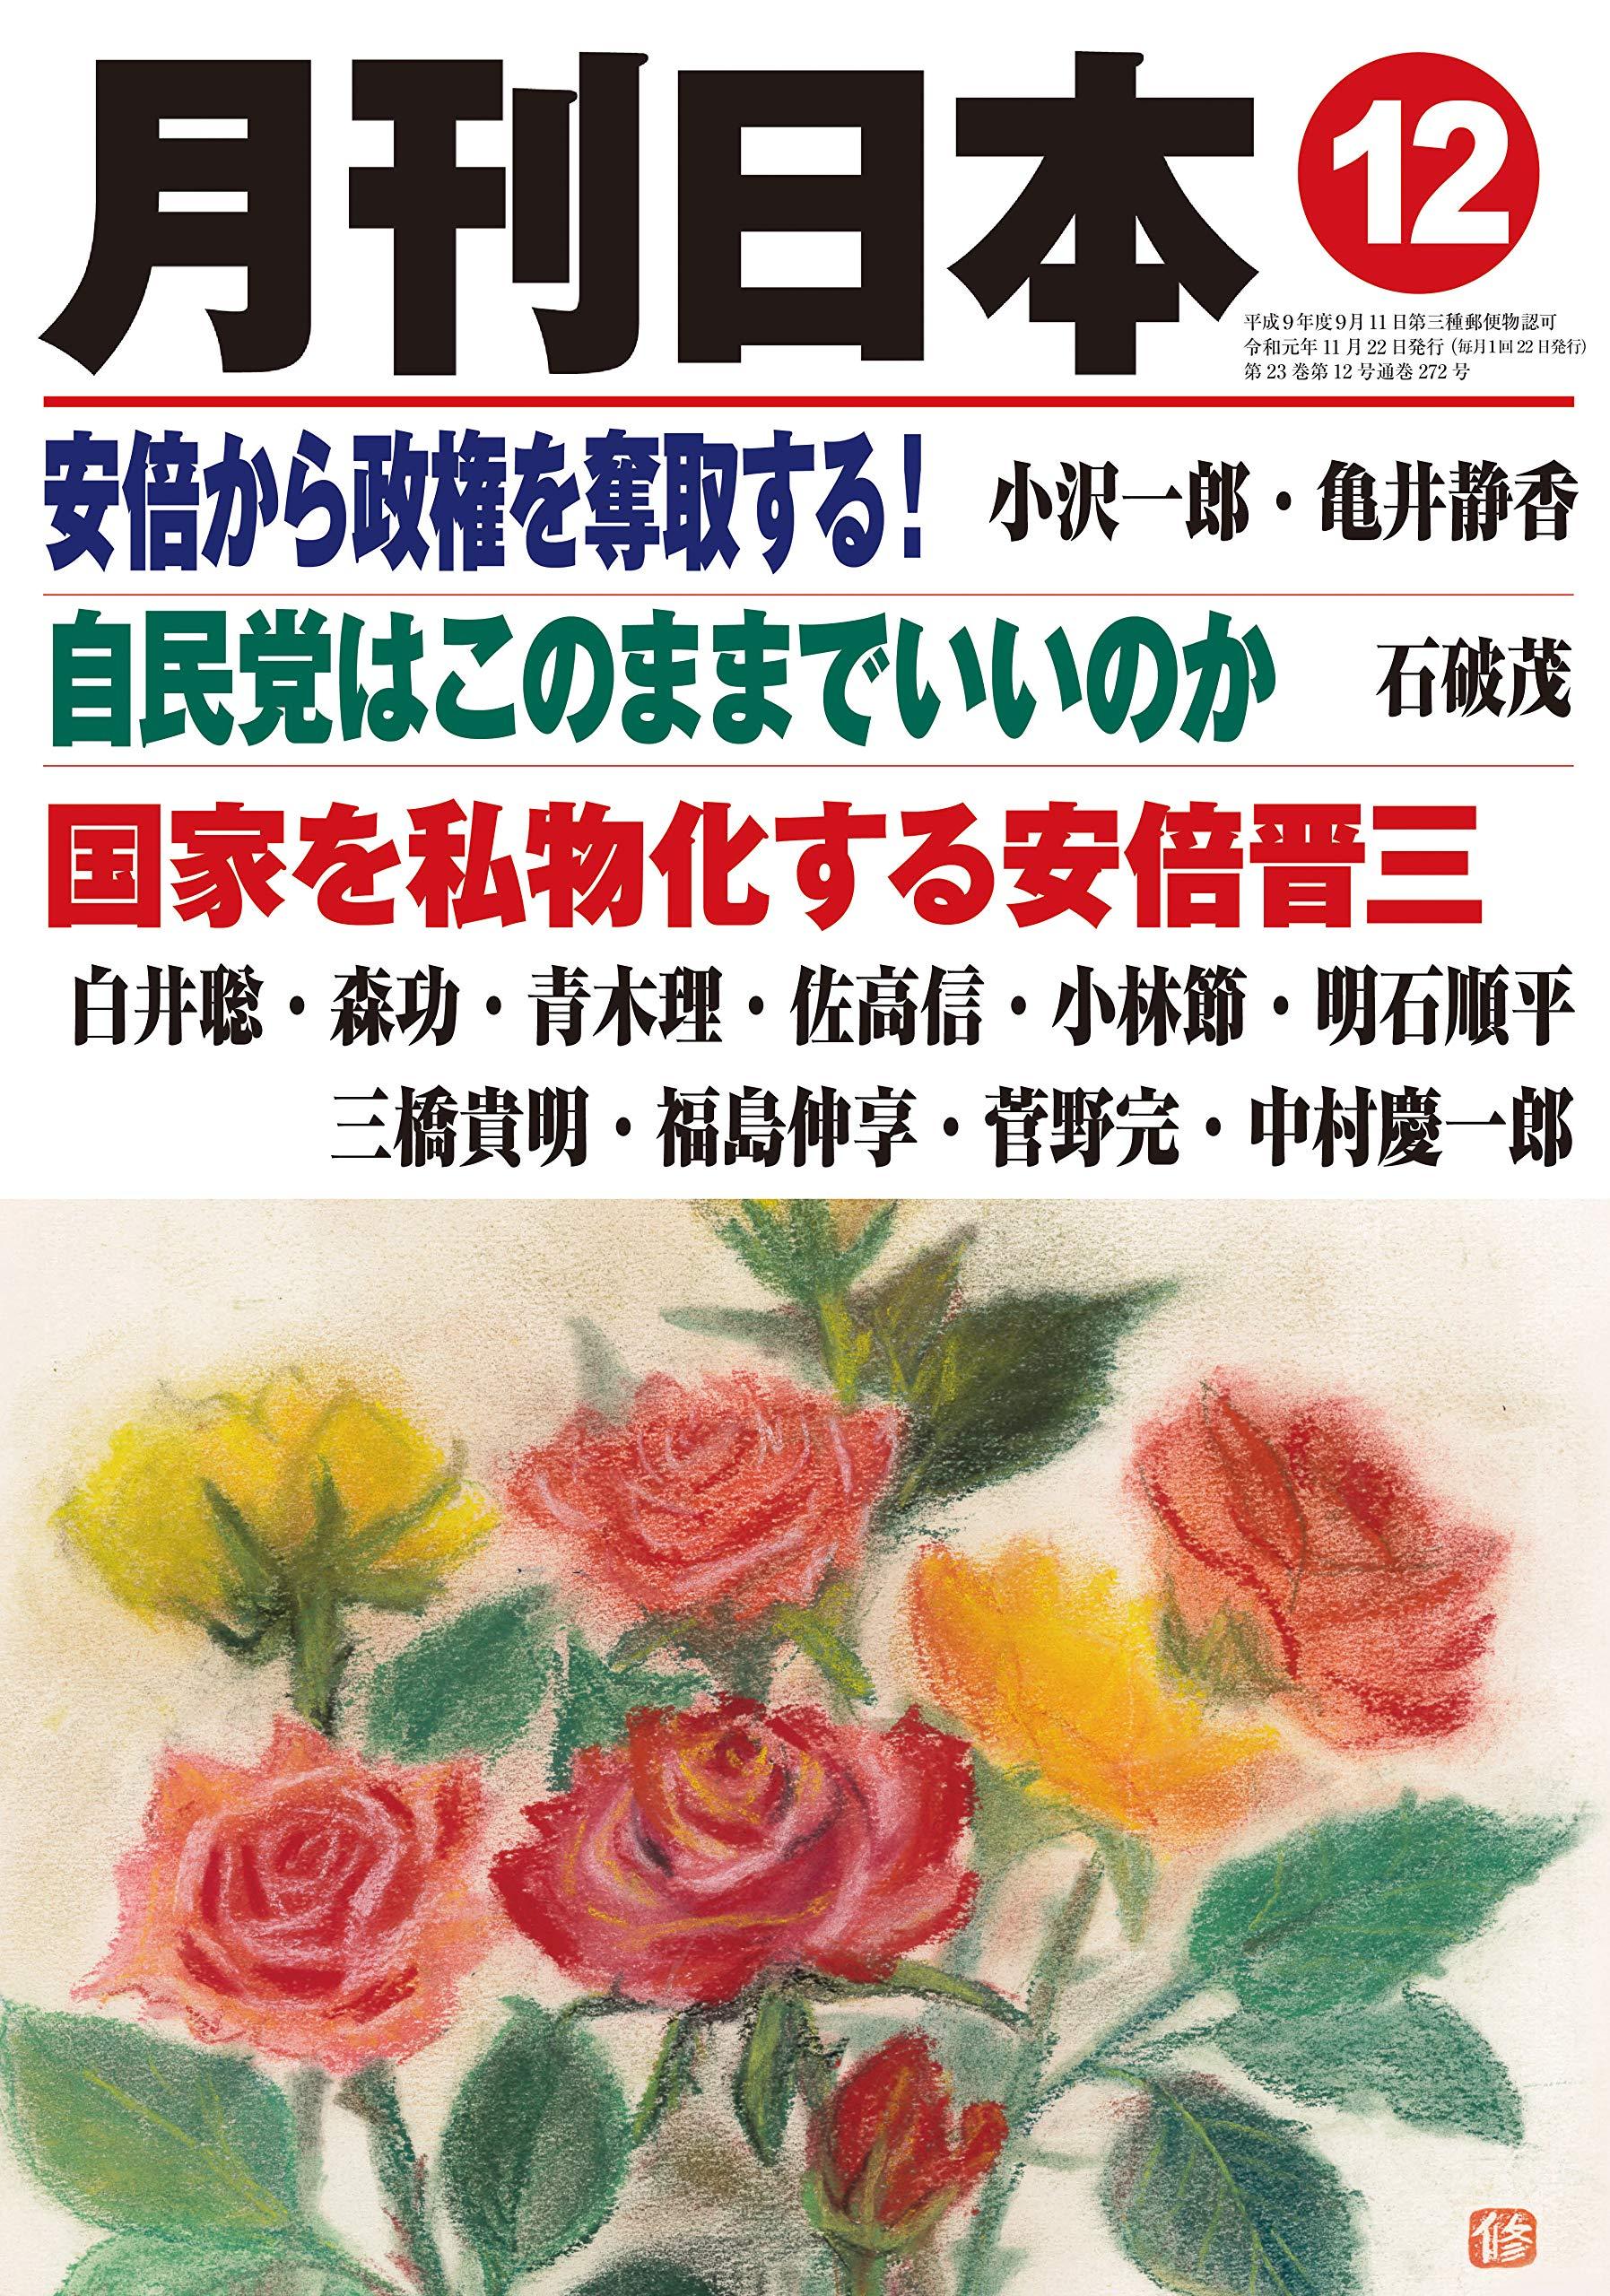 https://images-na.ssl-images-amazon.com/images/I/91m4BTg%2BLeL.jpg